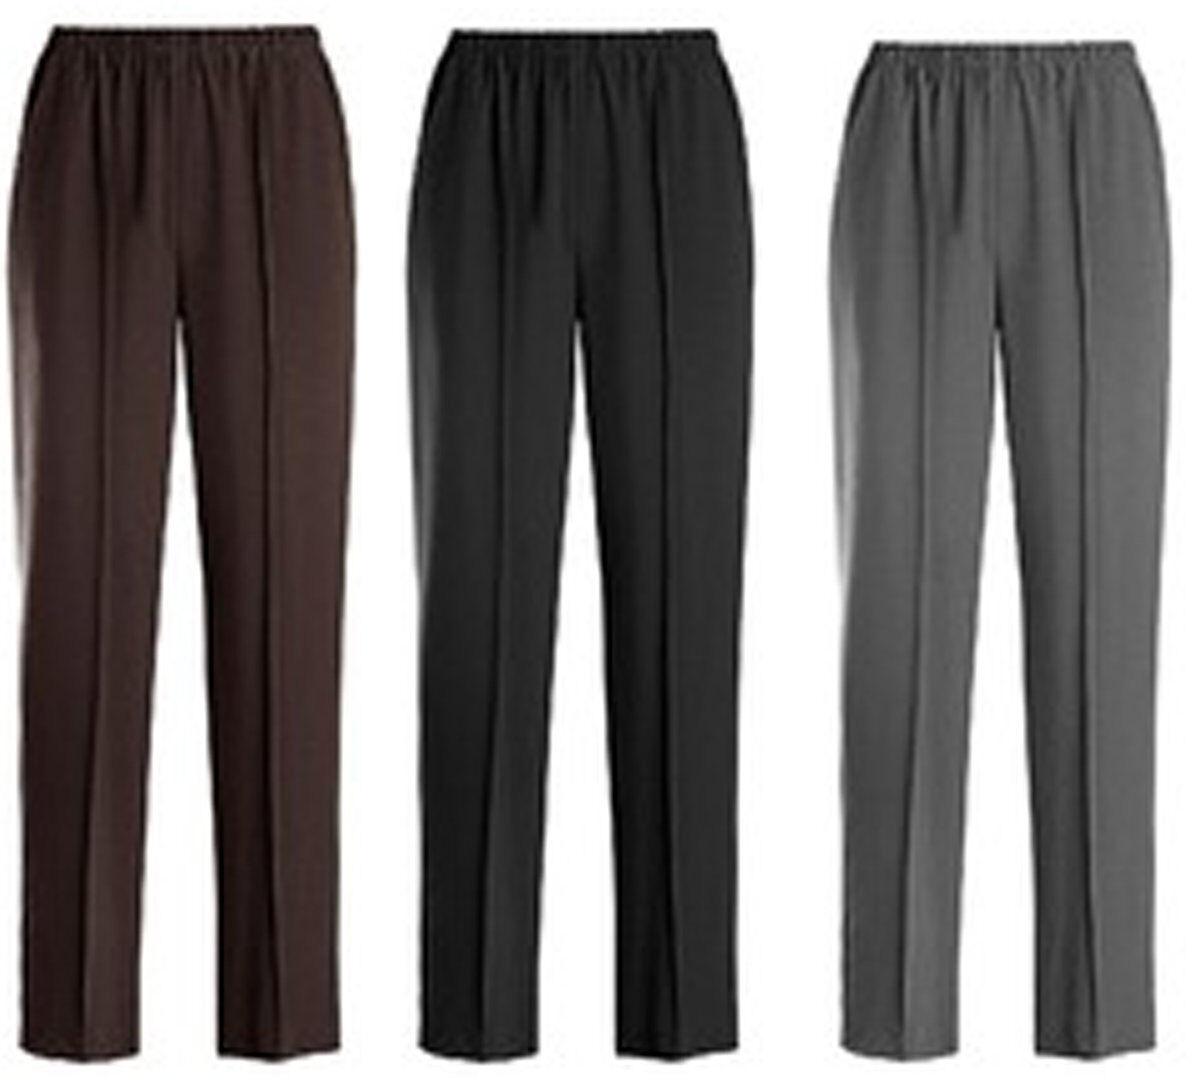 PIANTANA Uomo Donna Pantaloni Paula-T confortevole dehnbundhose breve dimensione 14007